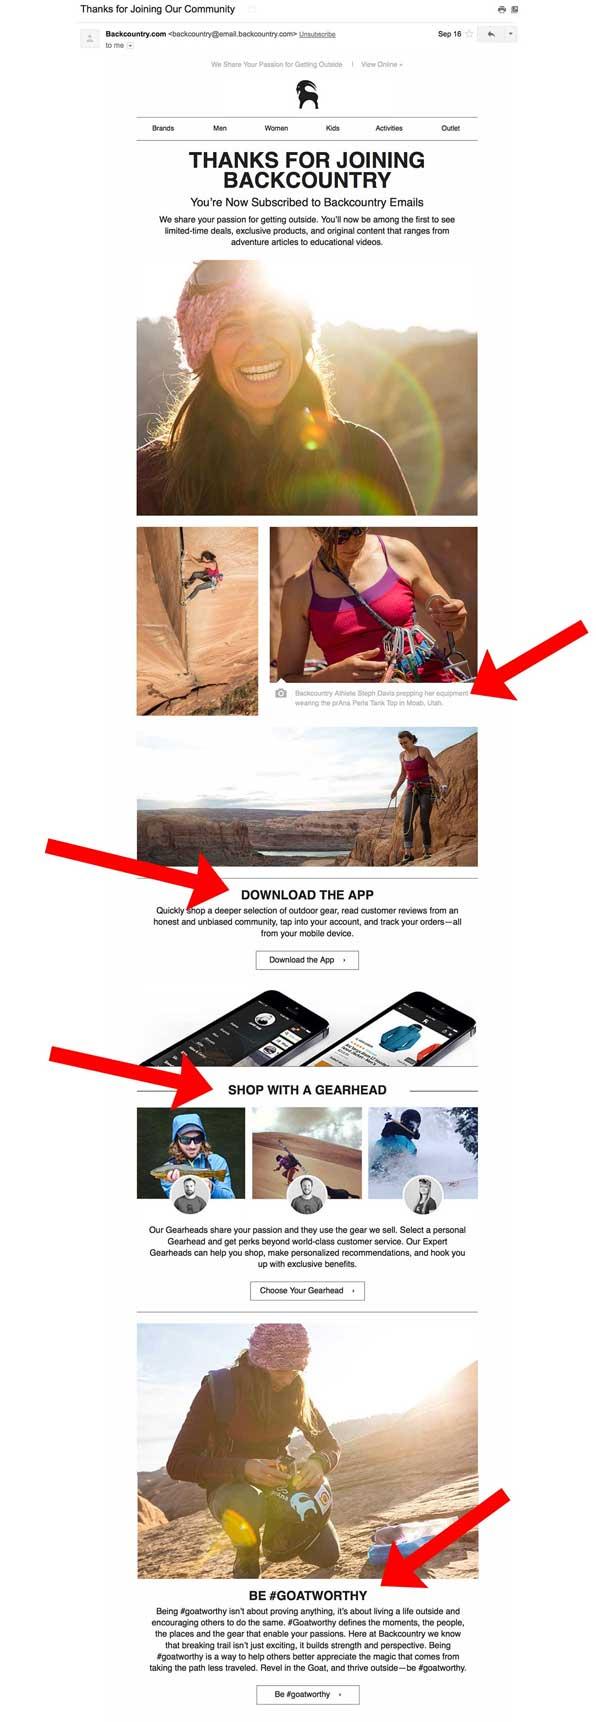 улыбающаяся девушка, кадры альпинистов в снаряжении и спортсменов в дикой местности